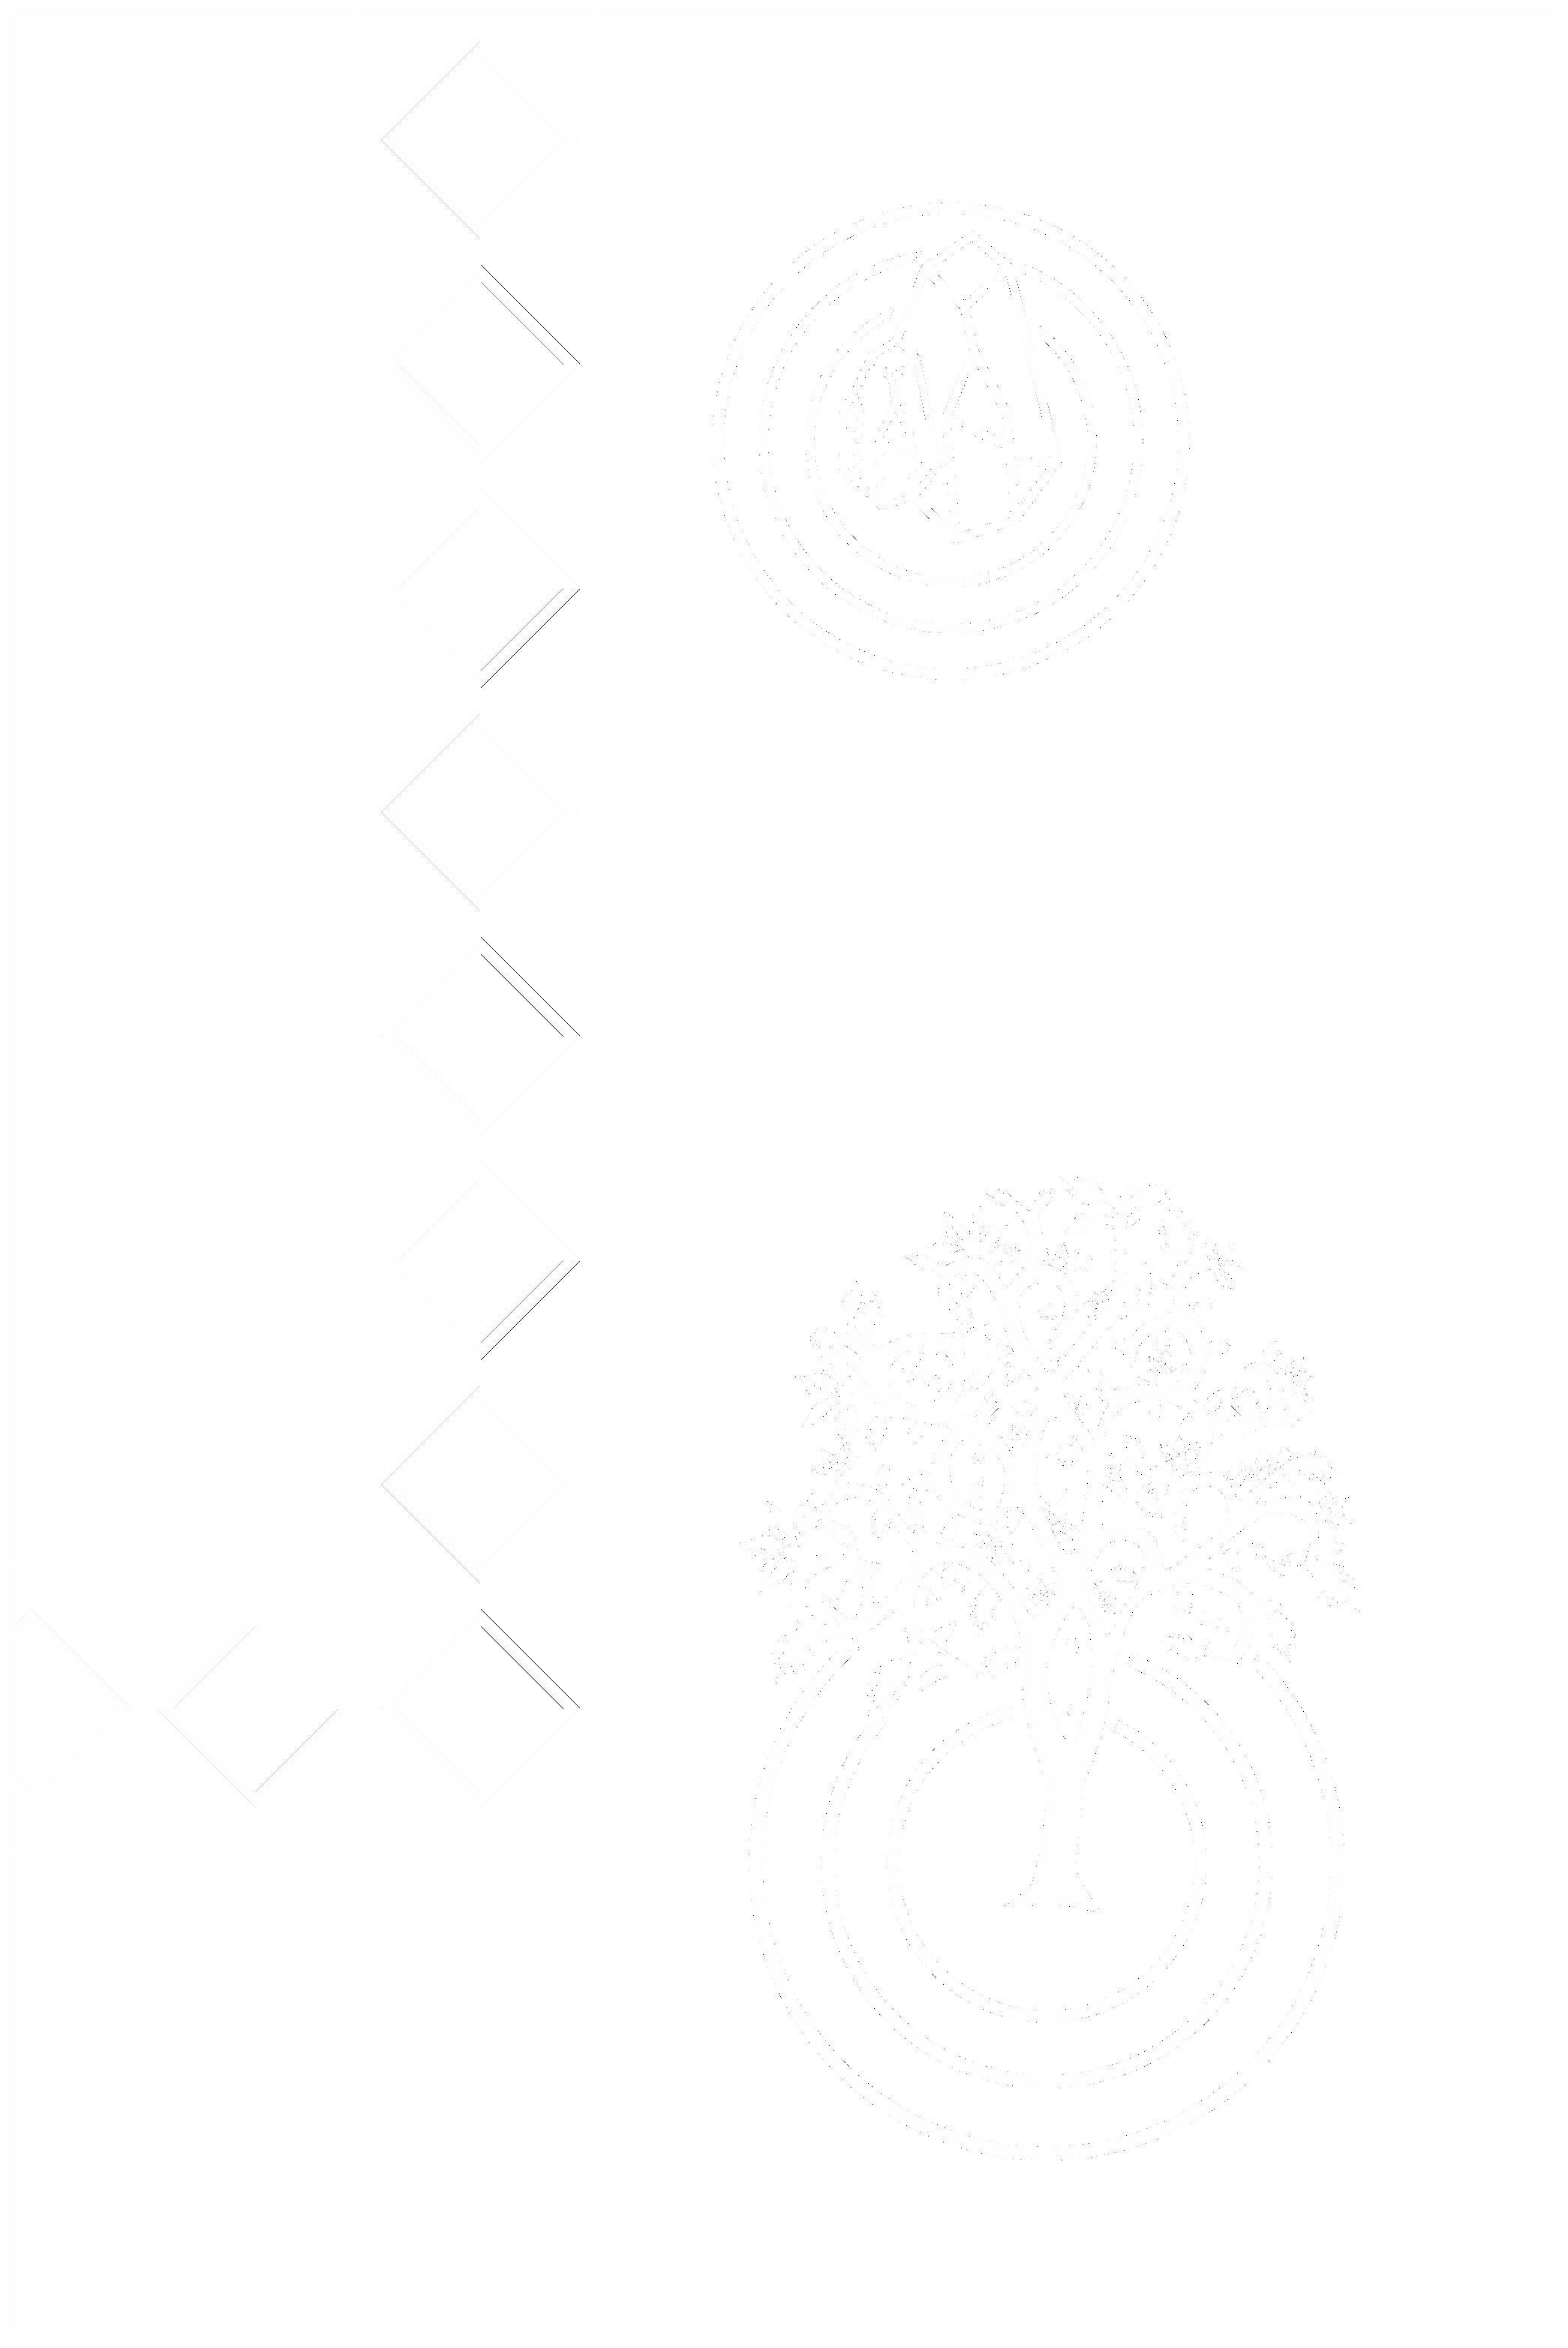 Zen Garden Graphic